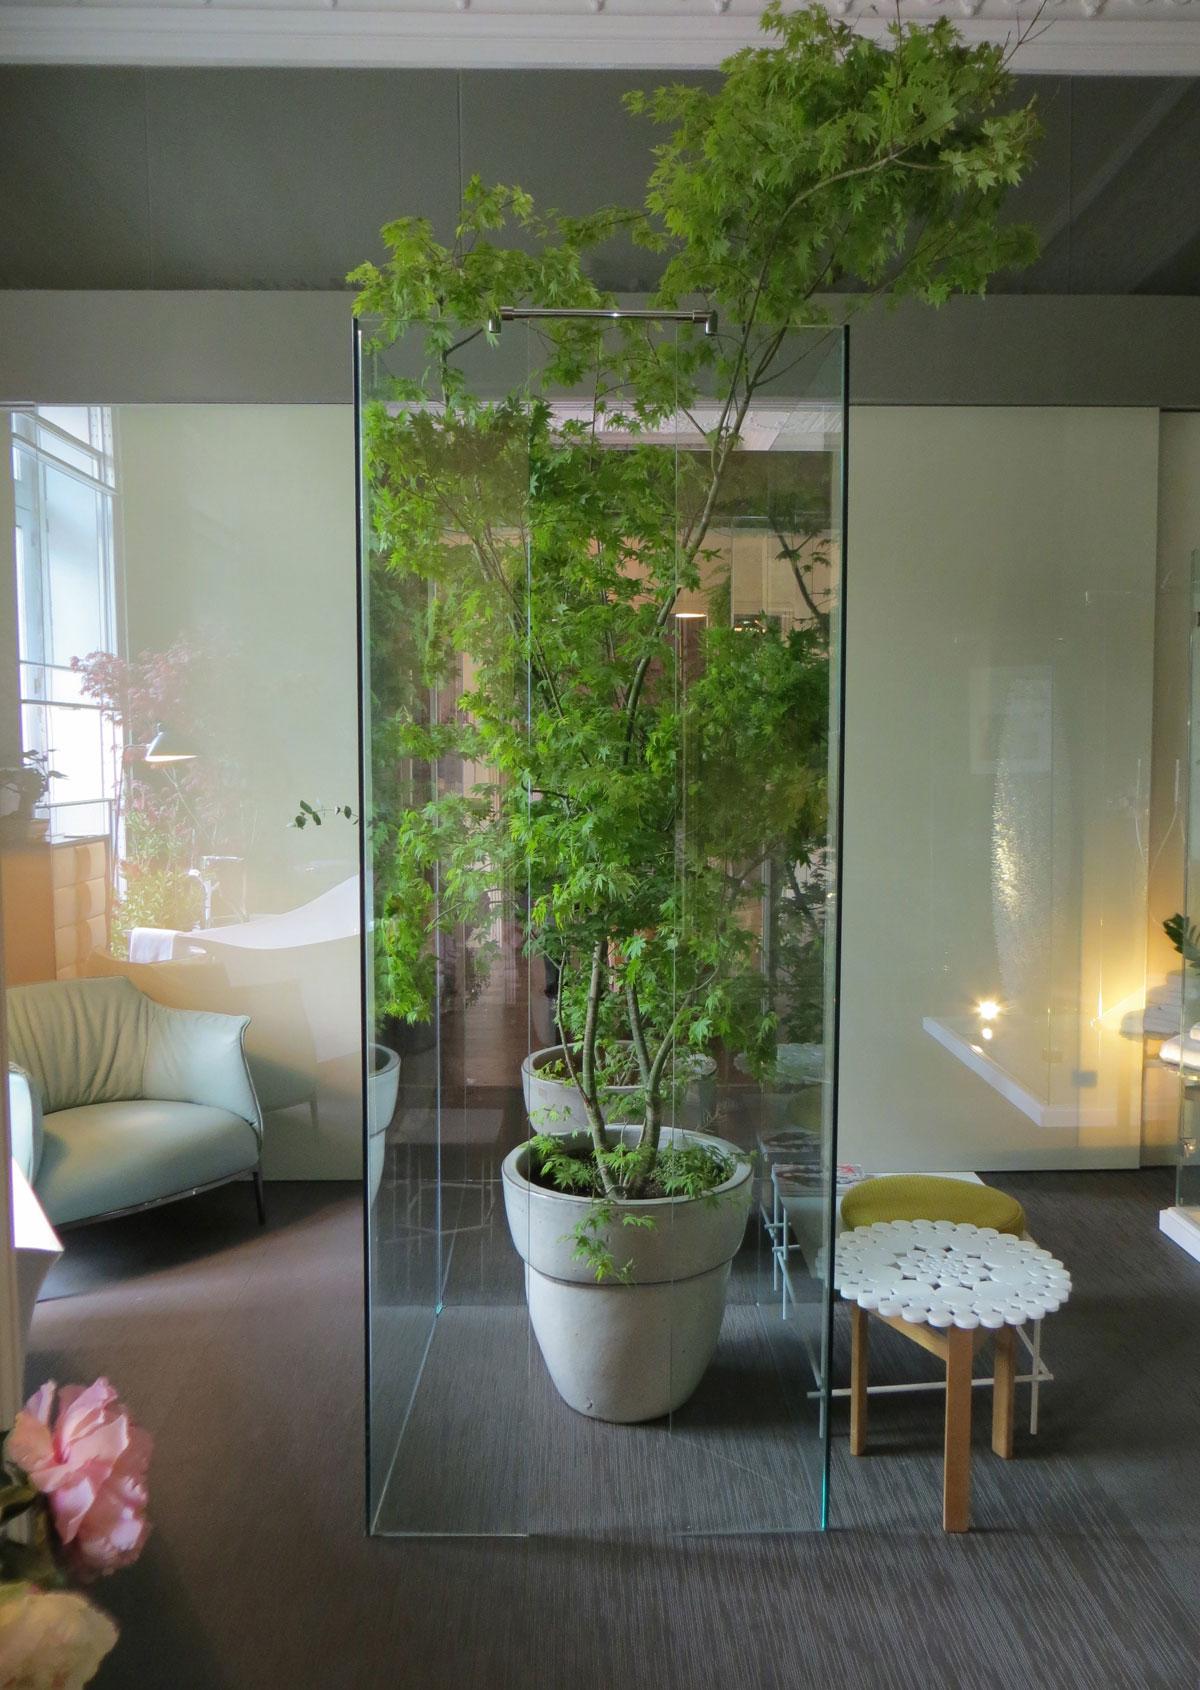 Isolina.Mallon.Interior.CasaDecorMadrid11.jpg